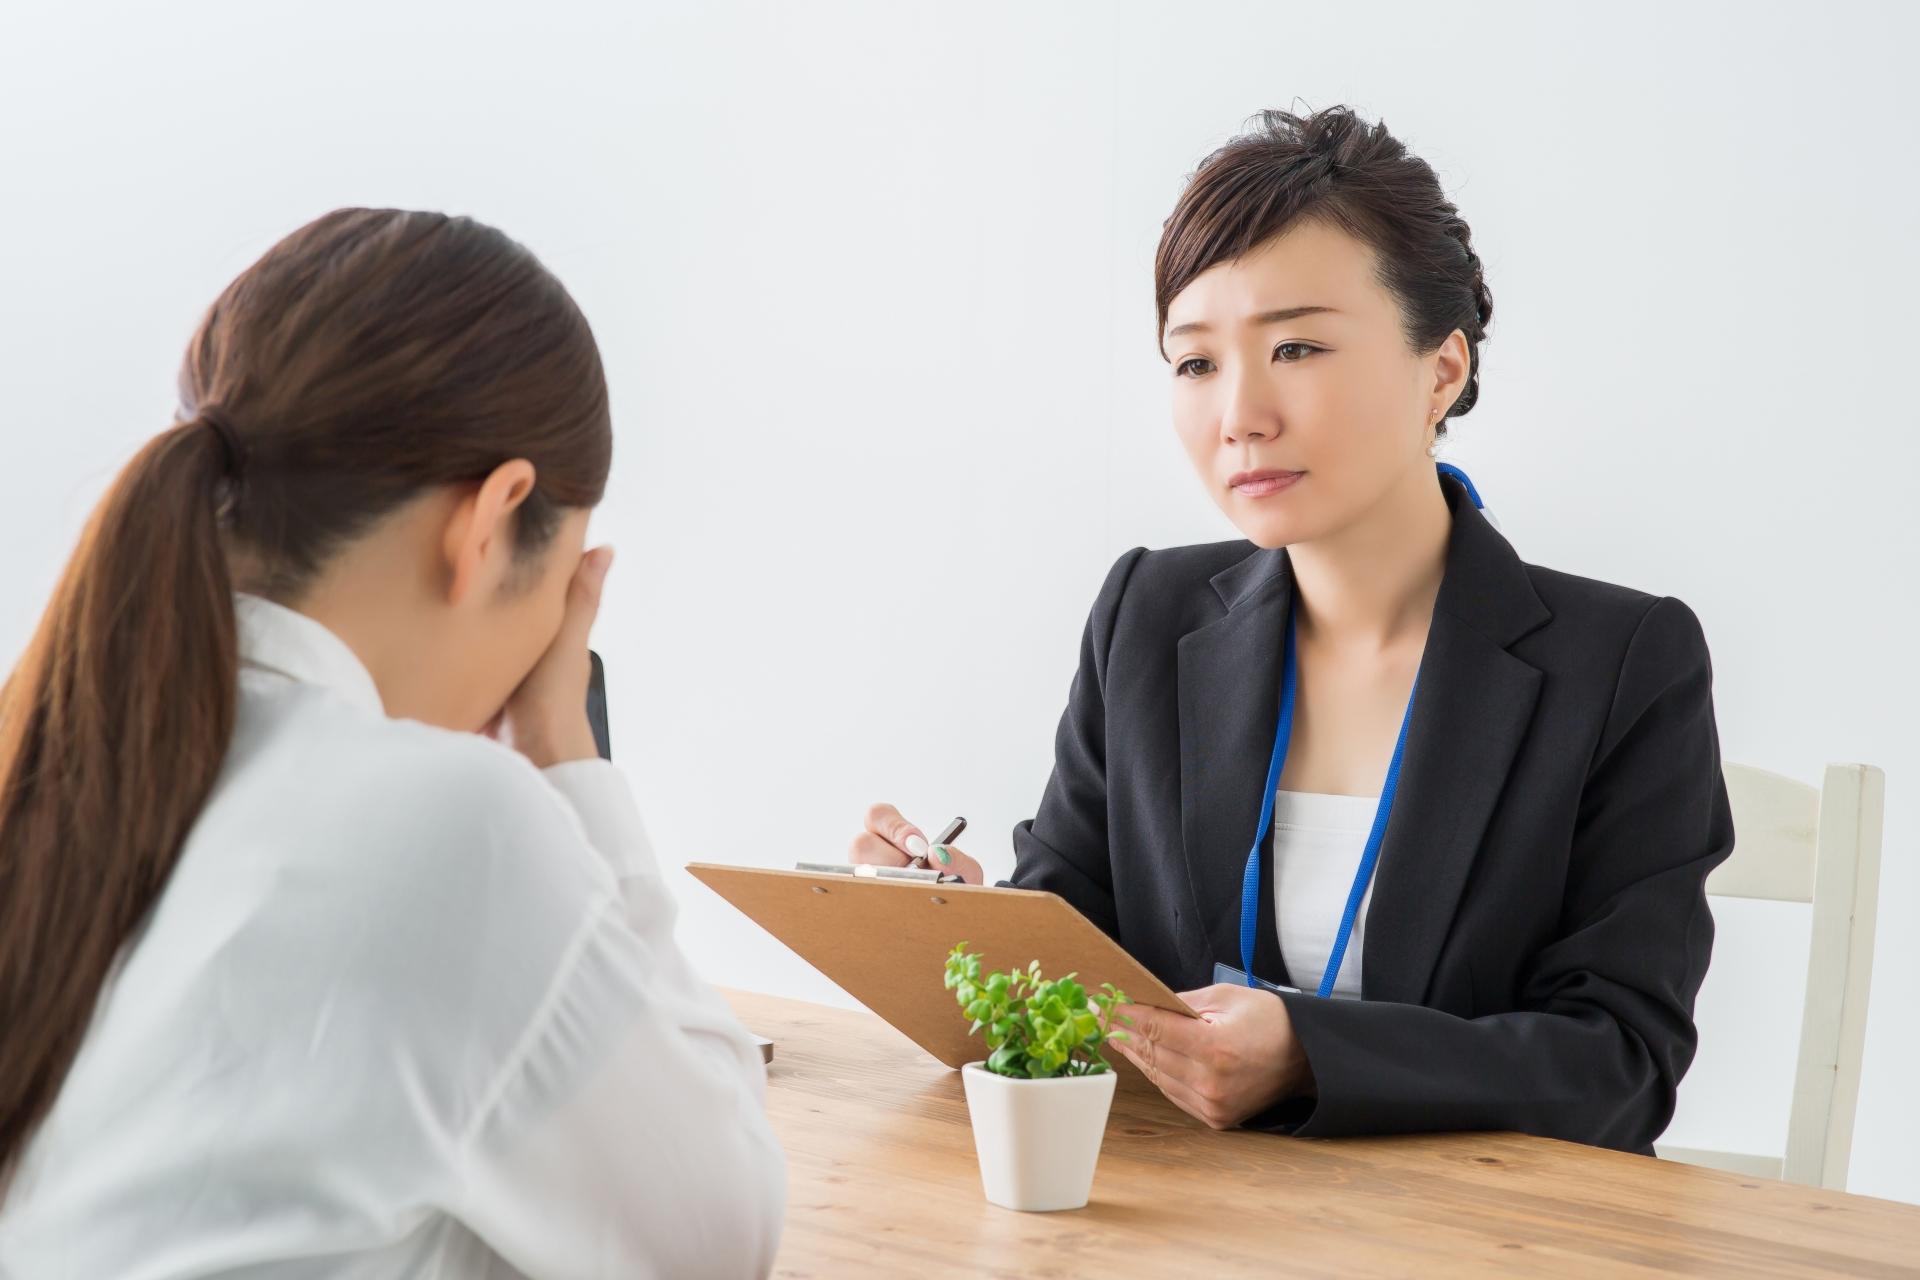 相続について相談する女性